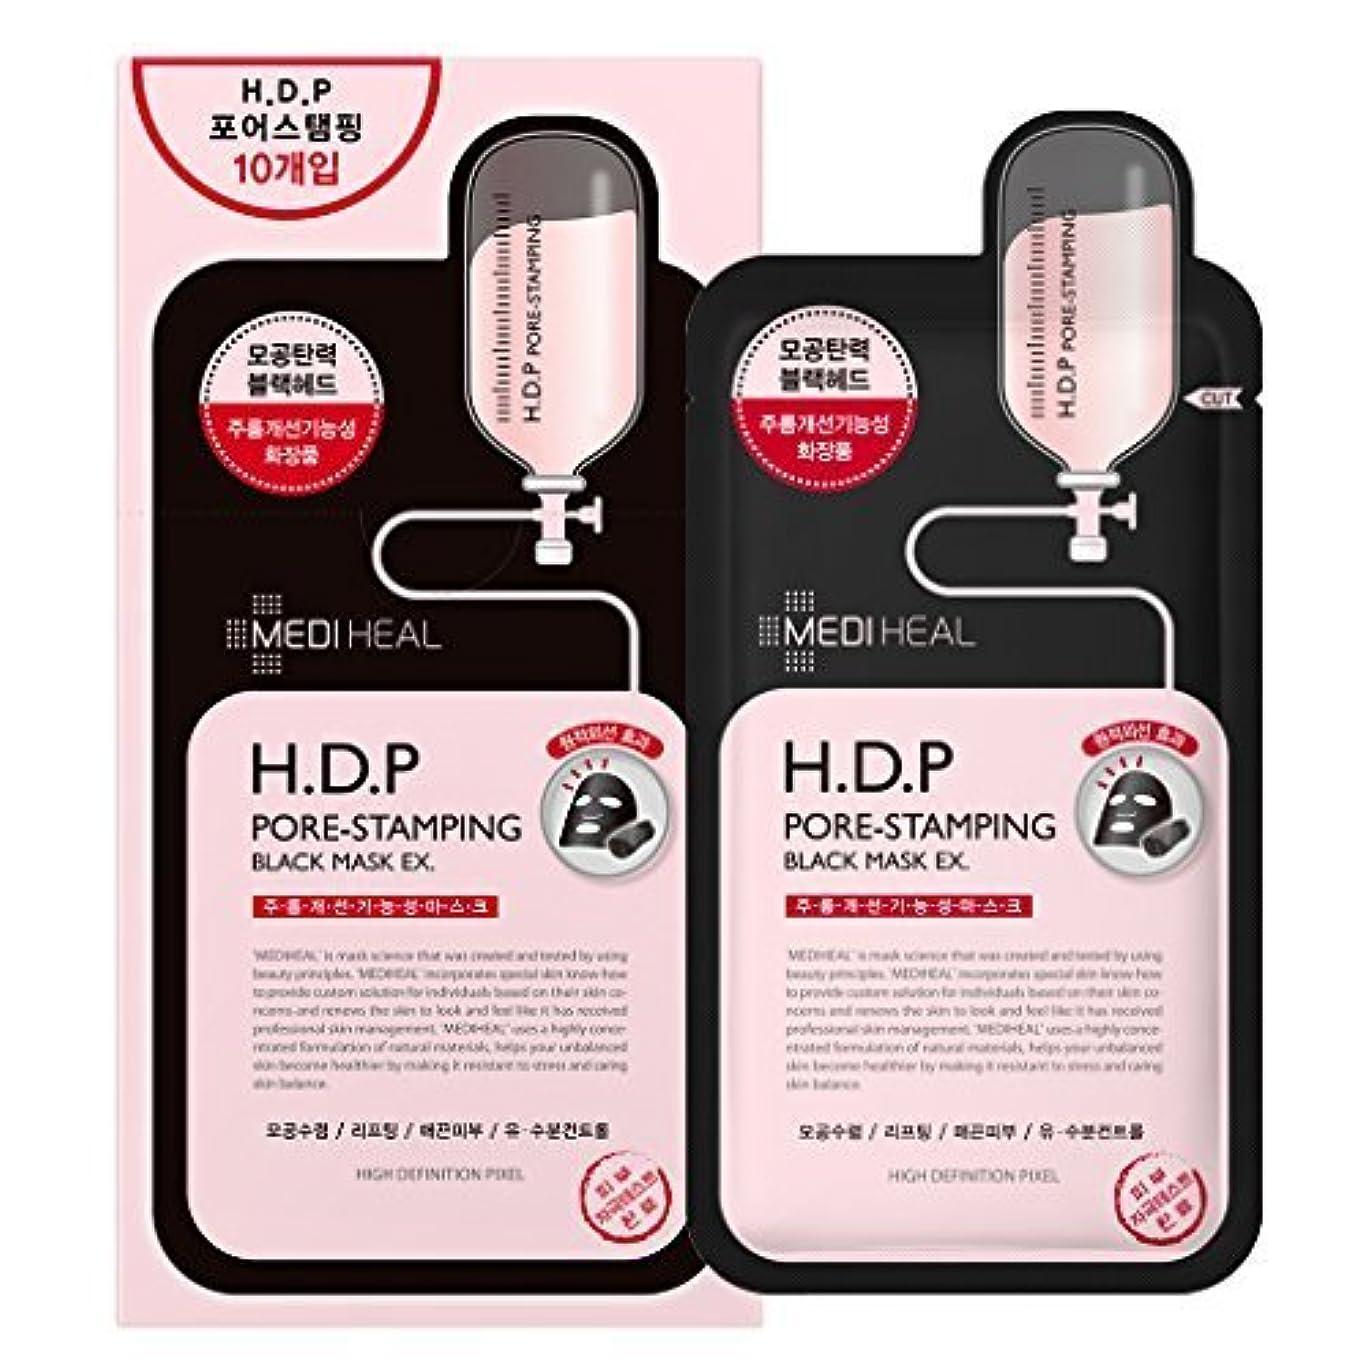 対応する汚れるバンケットMediheal H.D.P 毛穴スタンプ炭ミネラルマスク Pore stamping Charcoal mineral mask (10枚) [並行輸入品]